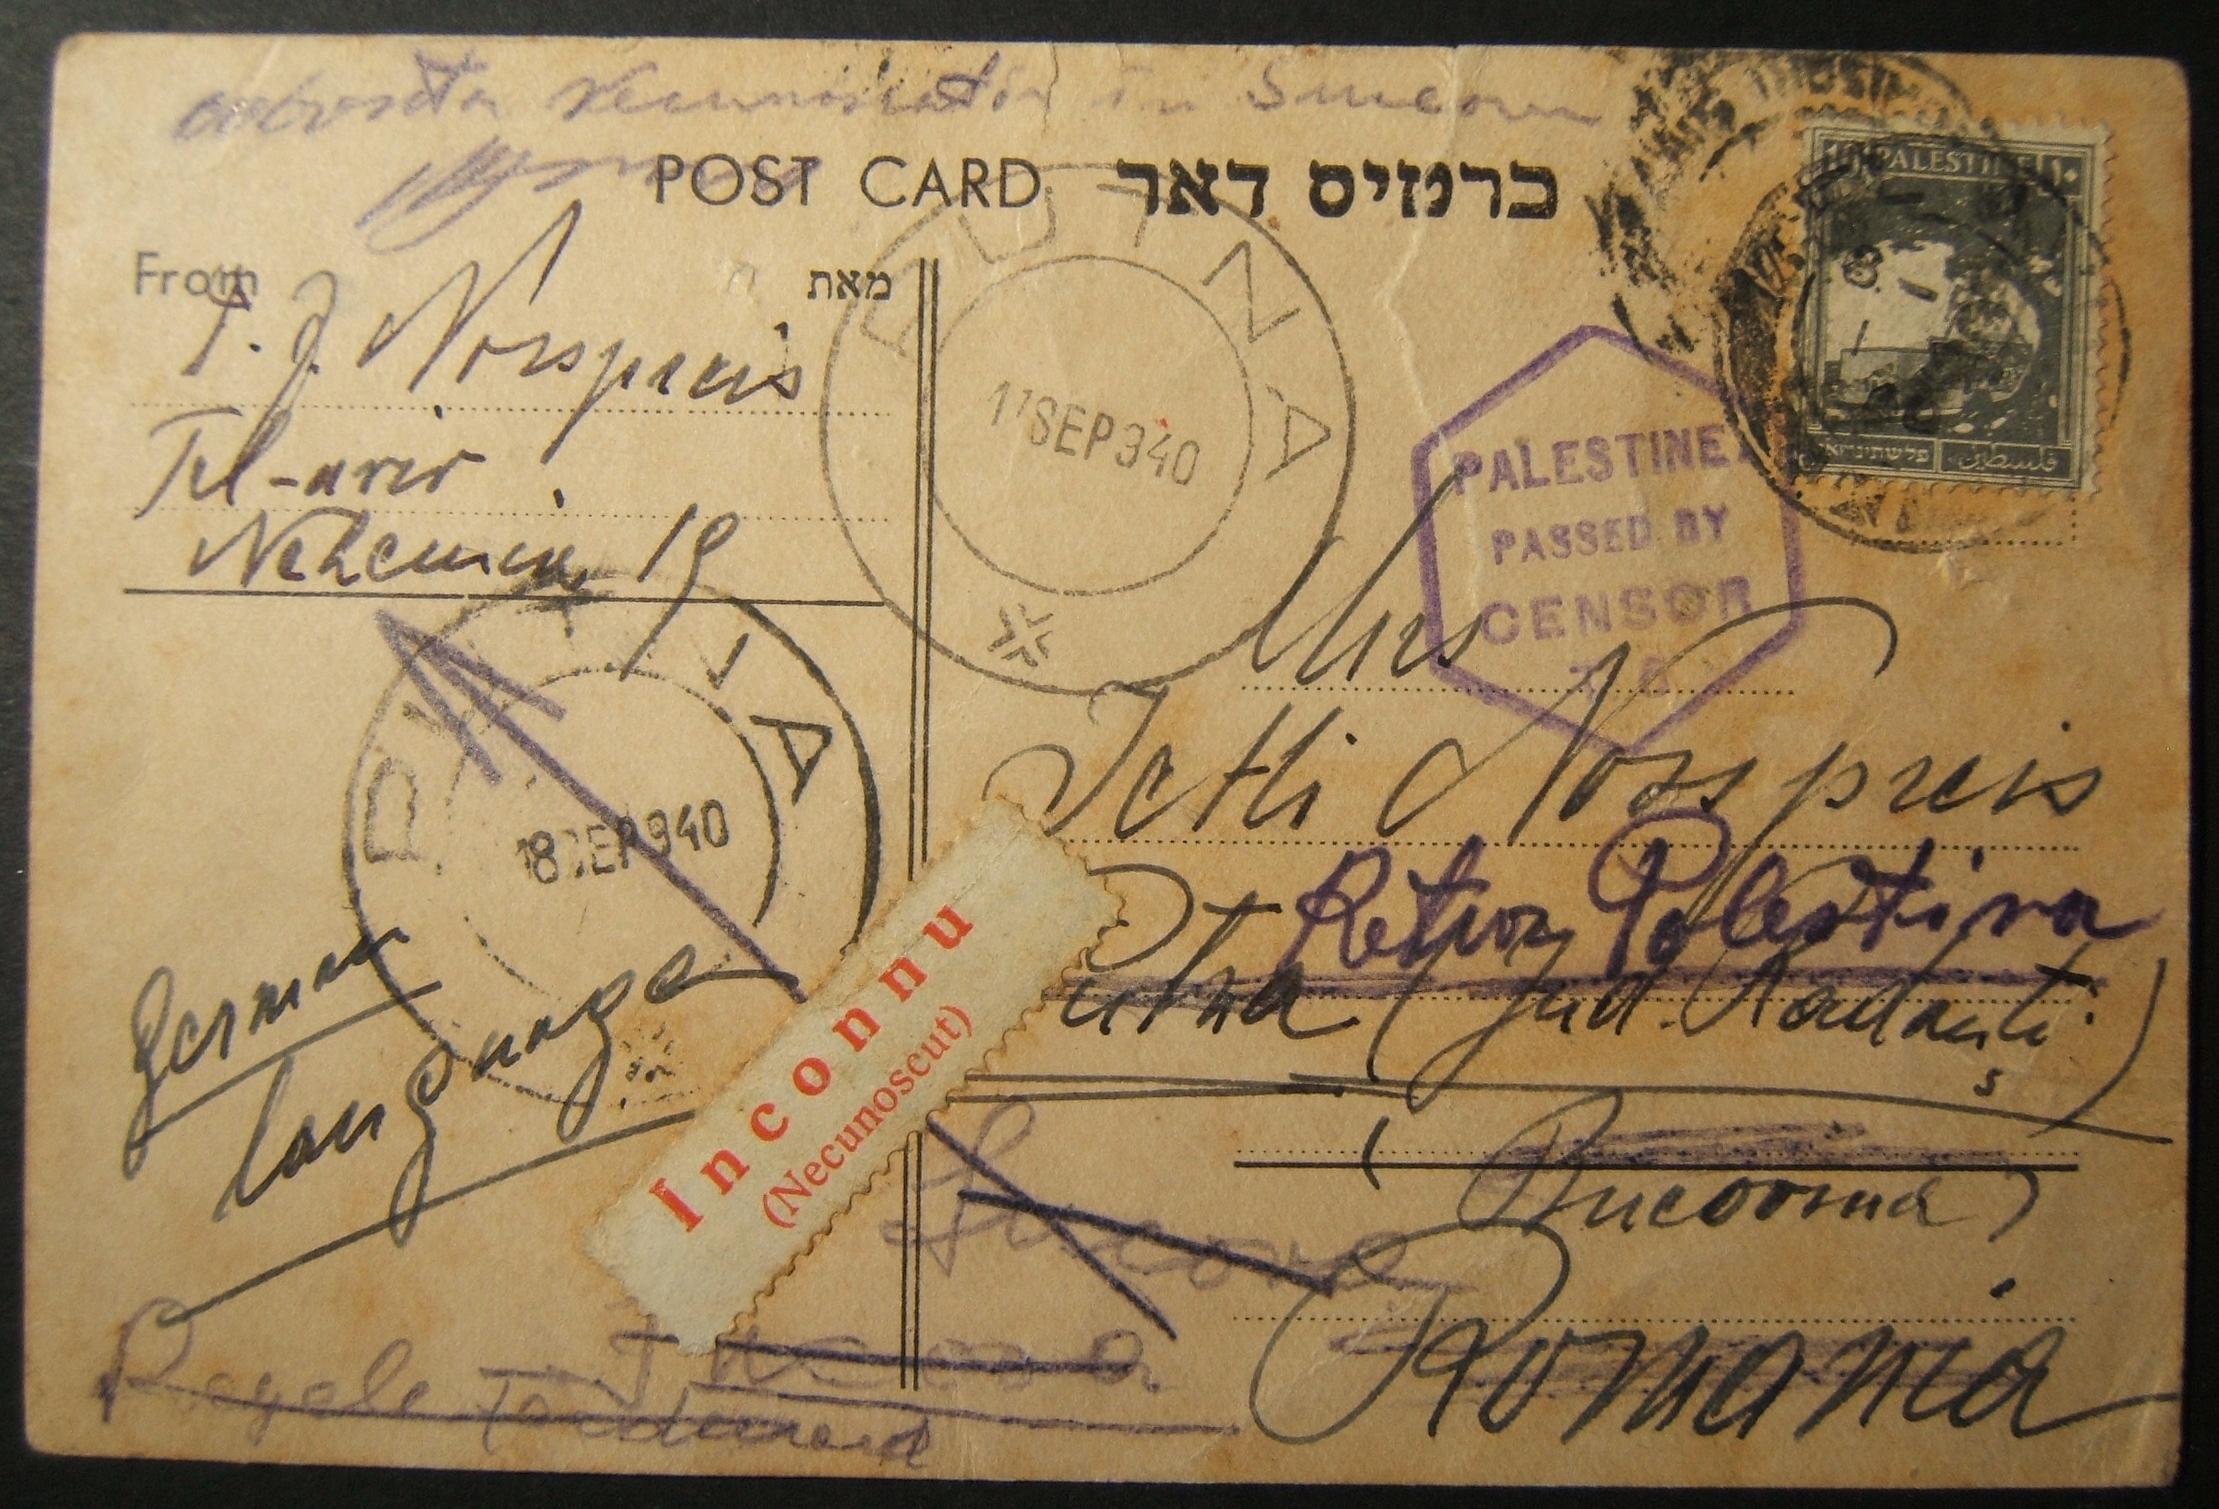 9/1940 מלחמת העולם השנייה / דואר השואה מארץ ישראל לרומניה, לא הומצאה וחזרה